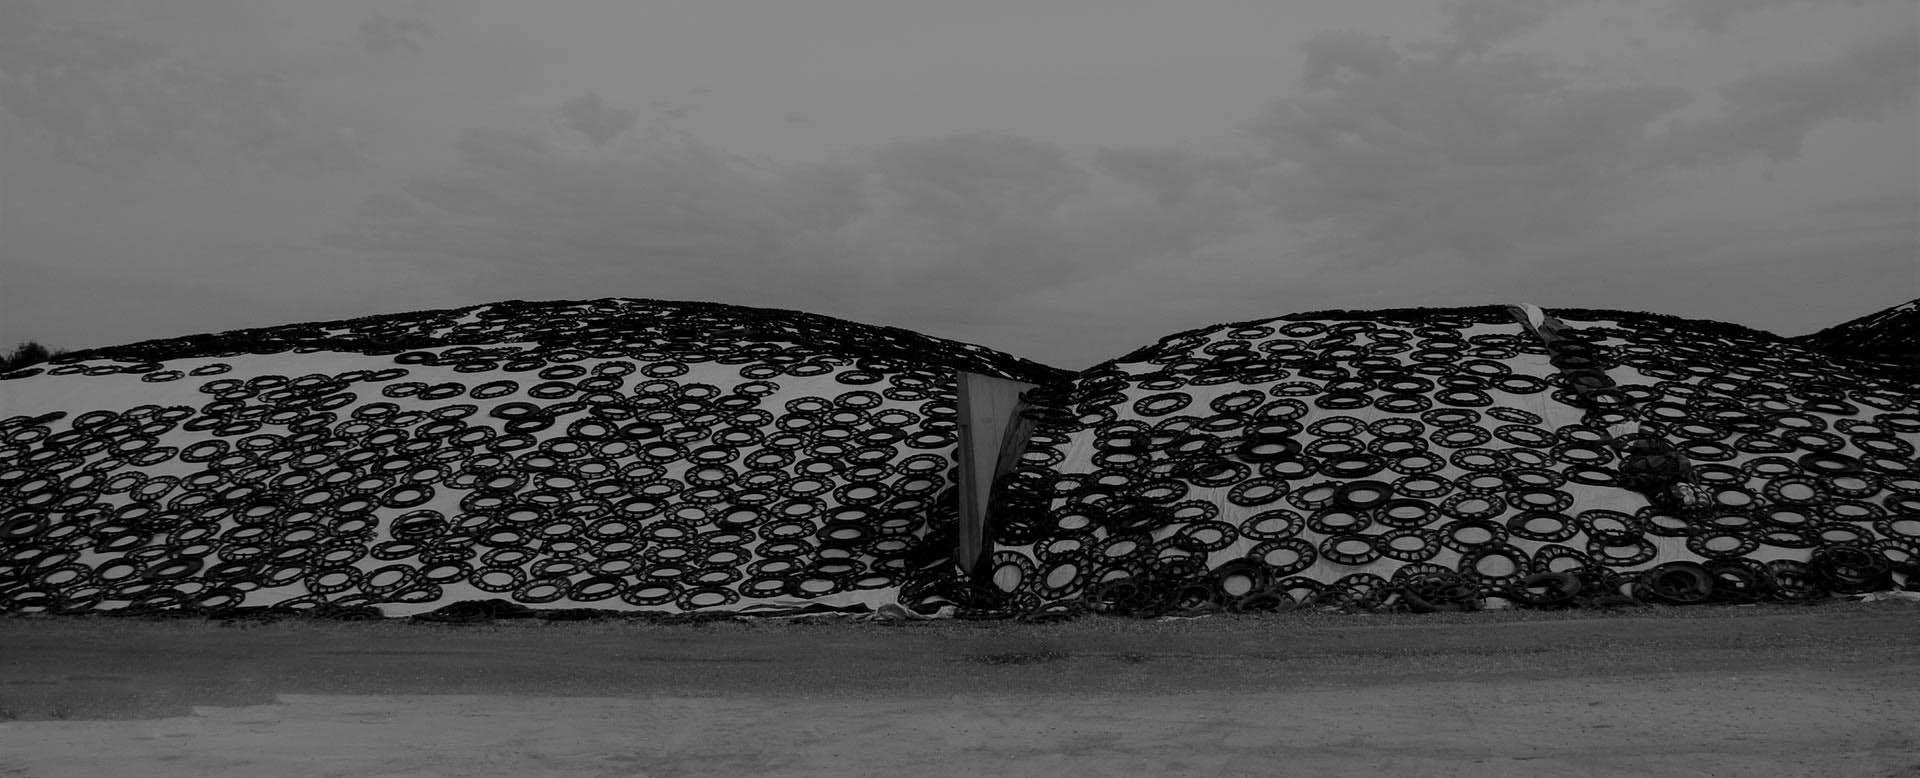 KSI Supply Bunker Covers